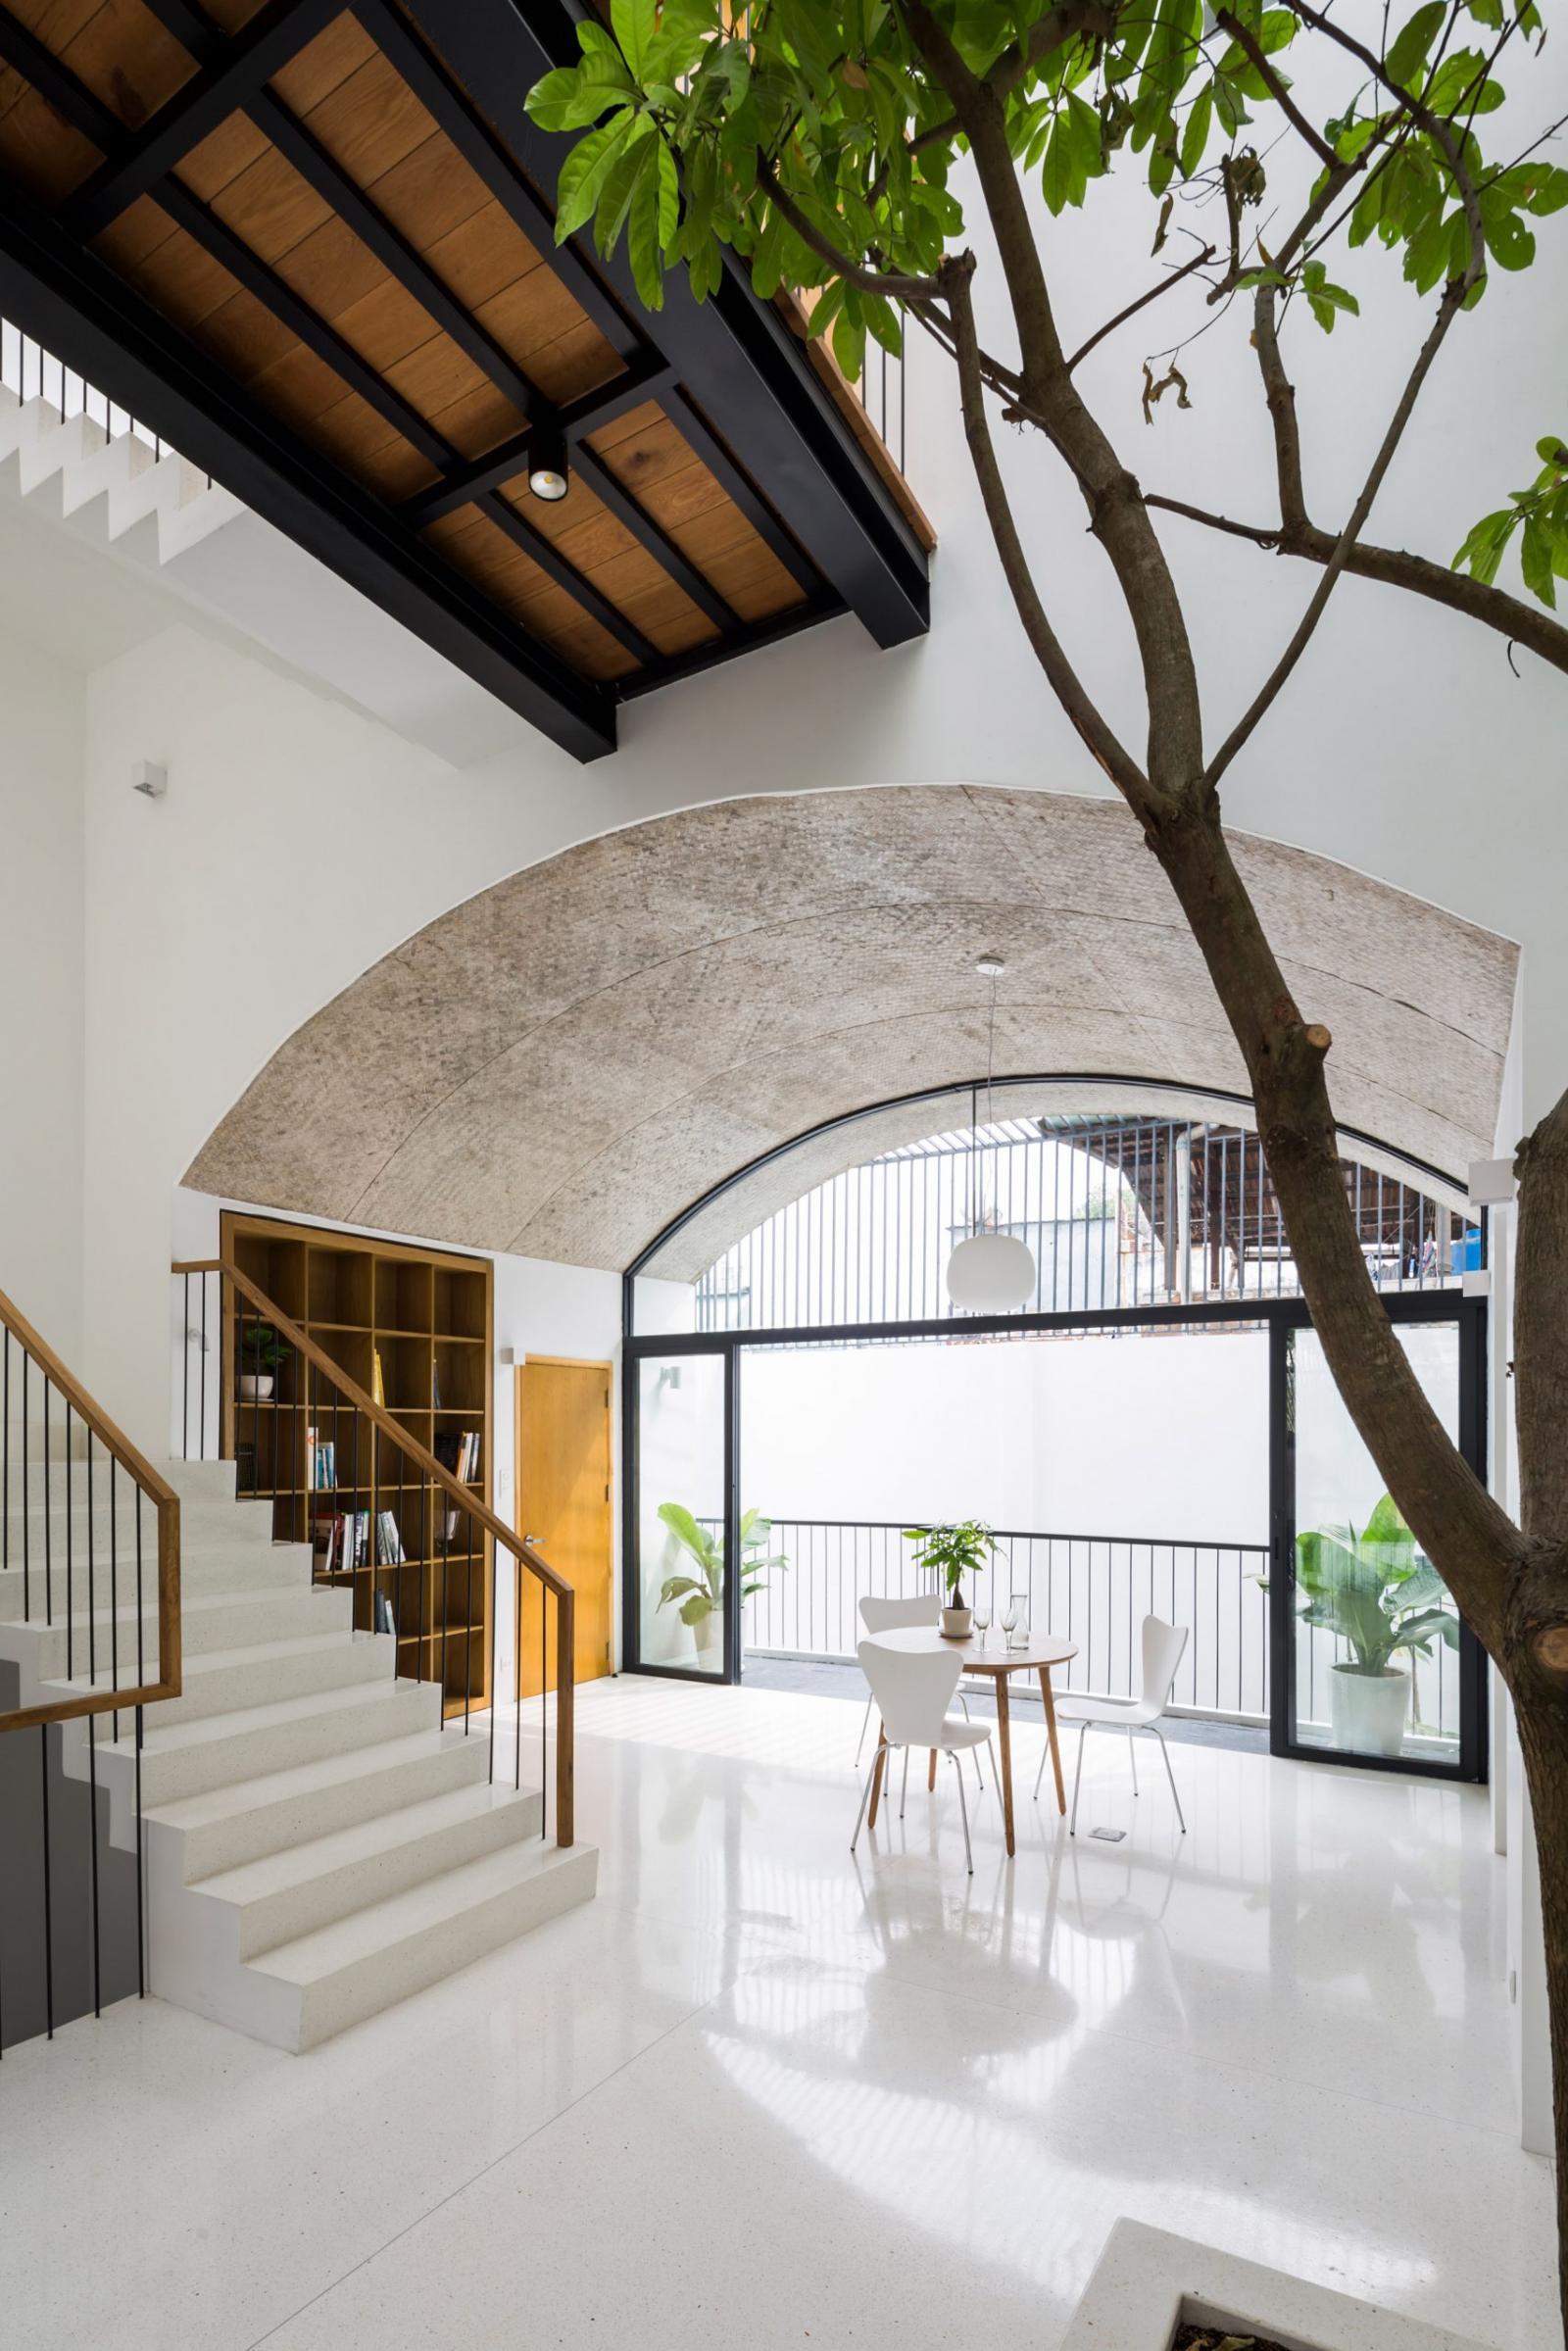 Kiến trúc mái vòm cao rộng ở tầng một tạo cảm giác thoáng rộng cho khu vực thư viện mini và cây xanh trong nhà.